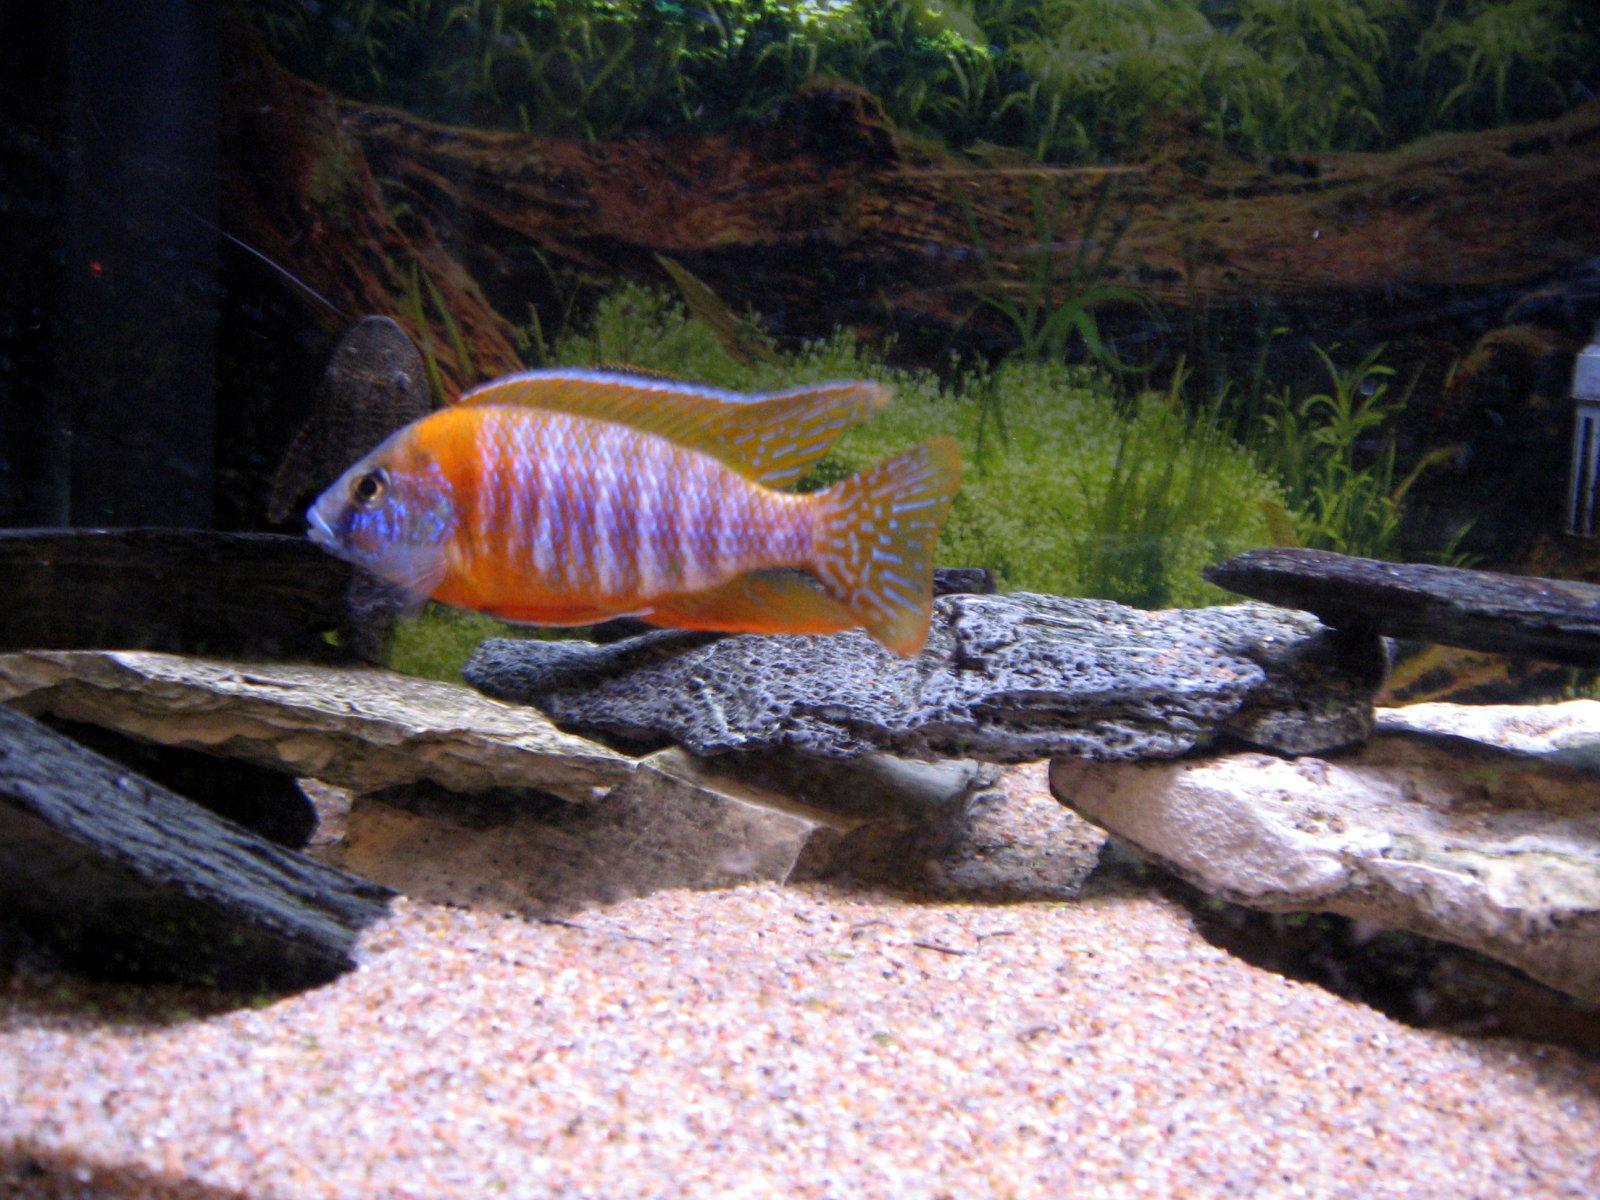 Aquarium fish tank sand - Aquarium Sand